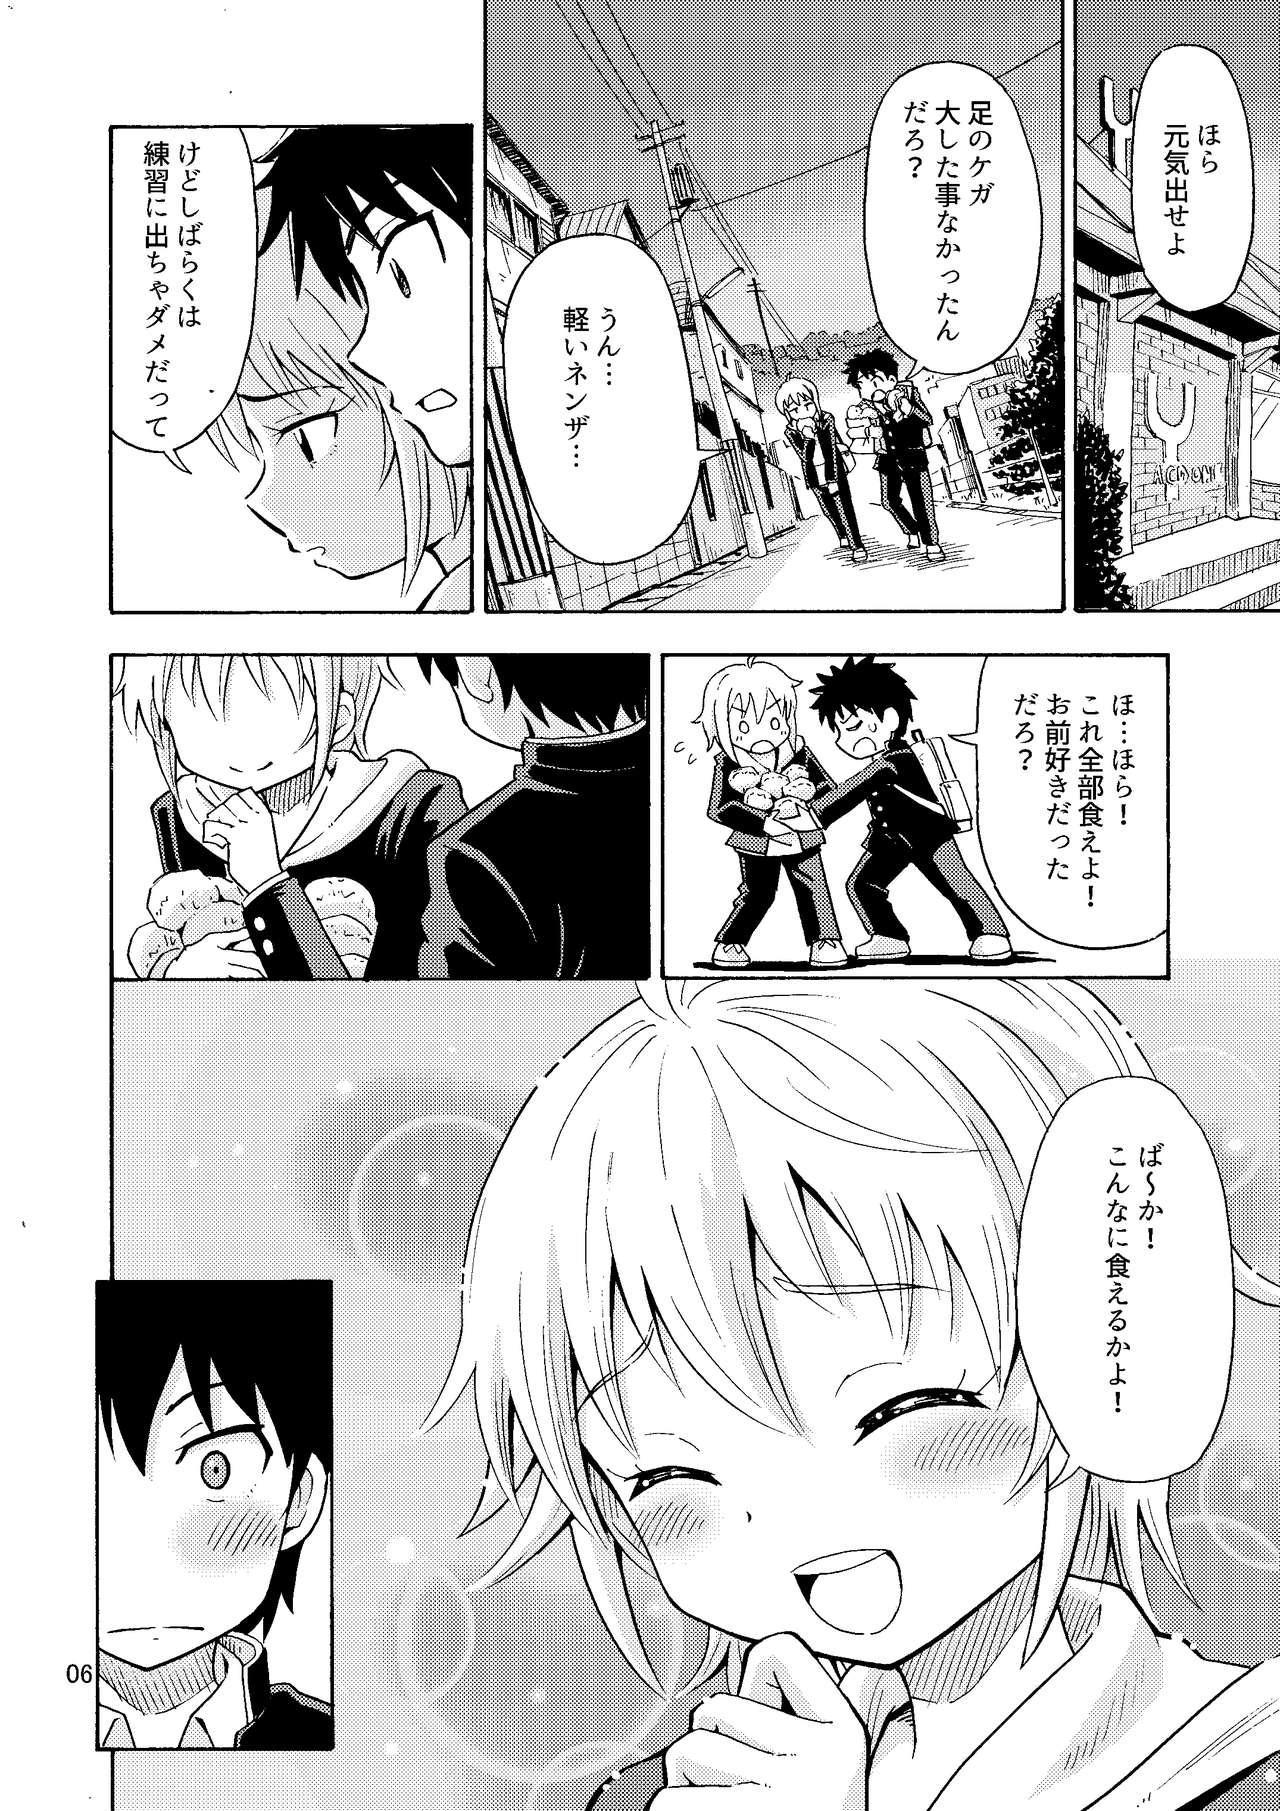 Shinyuu ga Onnanoko ni Narimashita 6